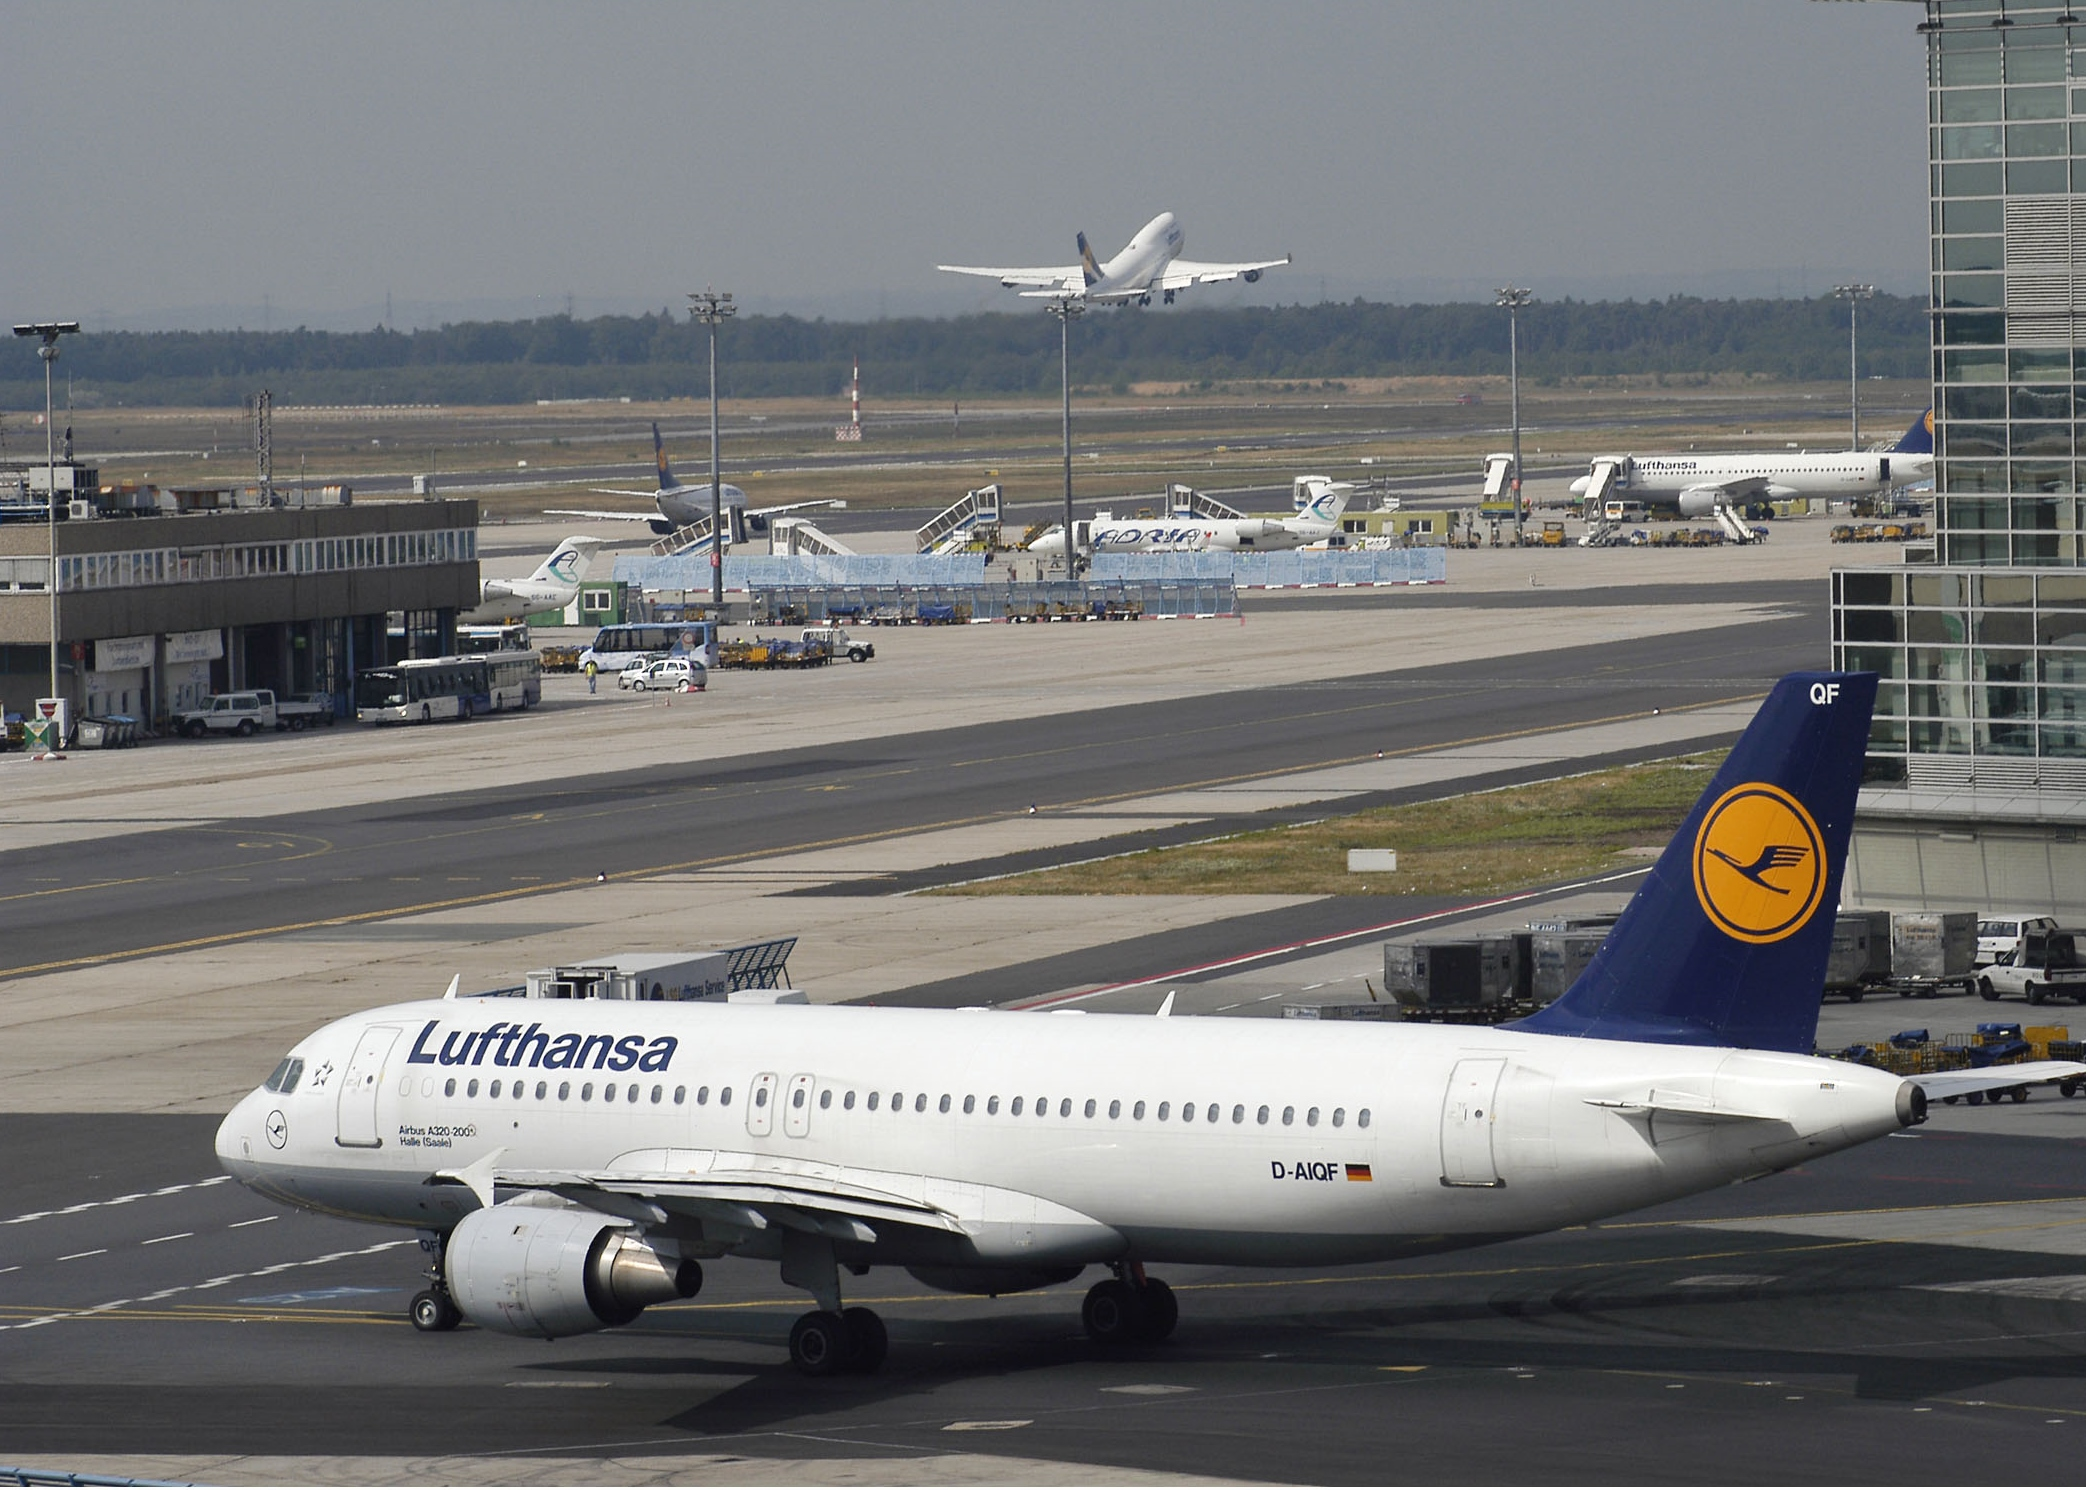 En Airbus A320 fra Lufthansa som den i forgrunden på billedet blev forleden forsinket ud af den serbiske hovedstad, Beograd, efter en bombetrussel. Pressefoto, Ingrid Friedl, Lufthansa.